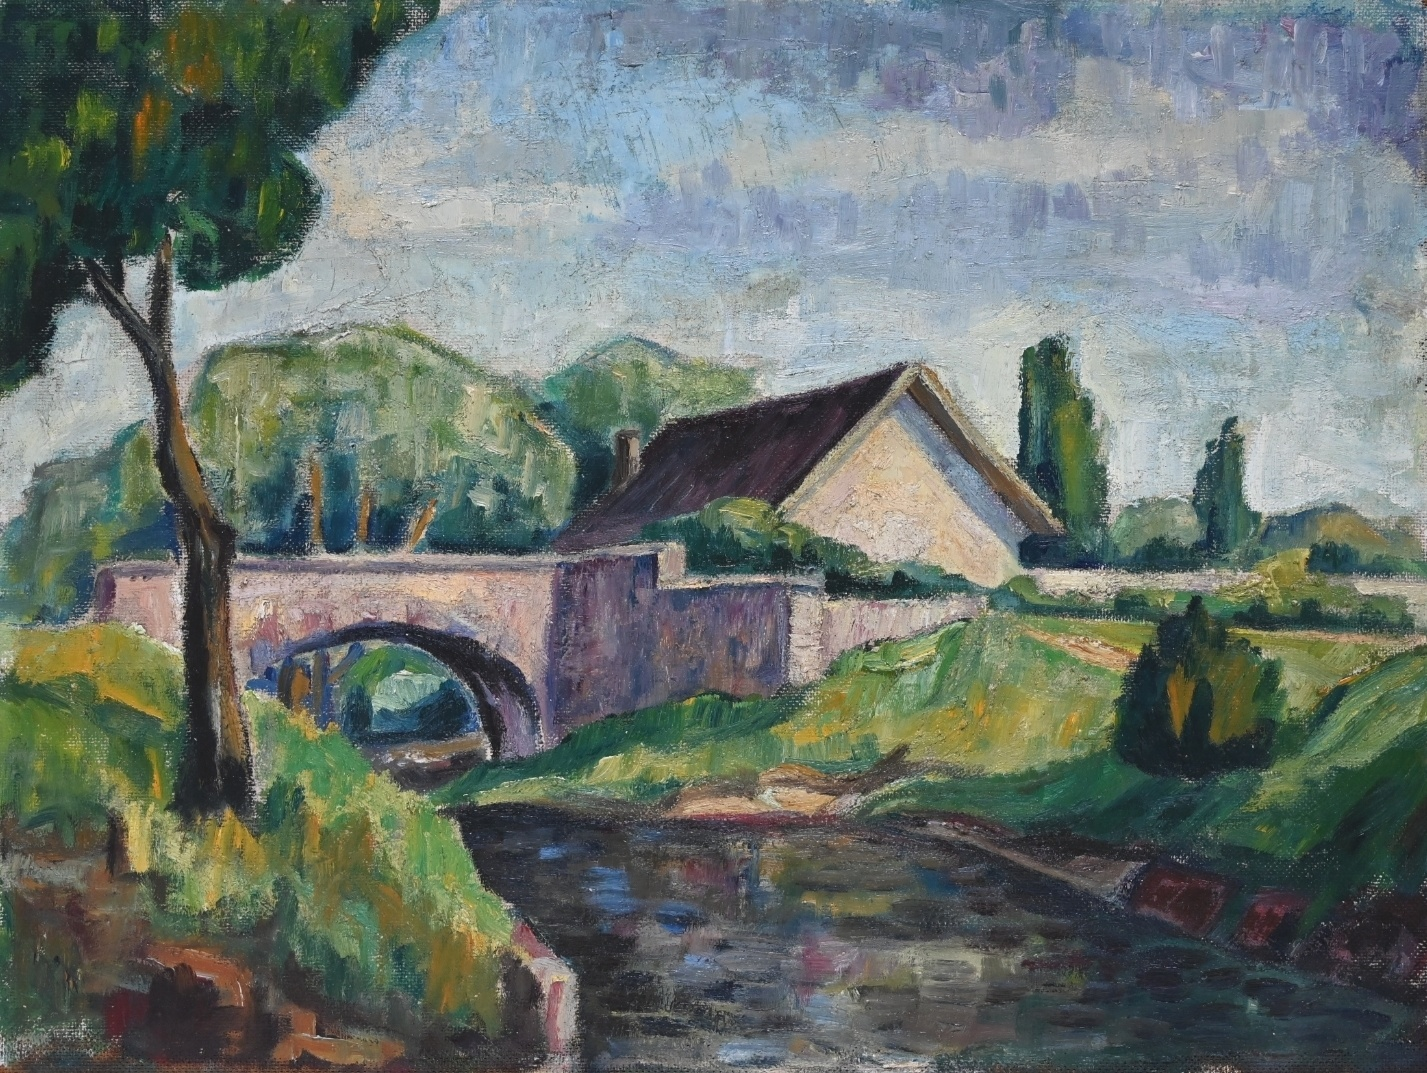 Fritz Laible (1931 - 2016) » Öl-Gemälde Postimpressionismus Expressionismus Landschaft